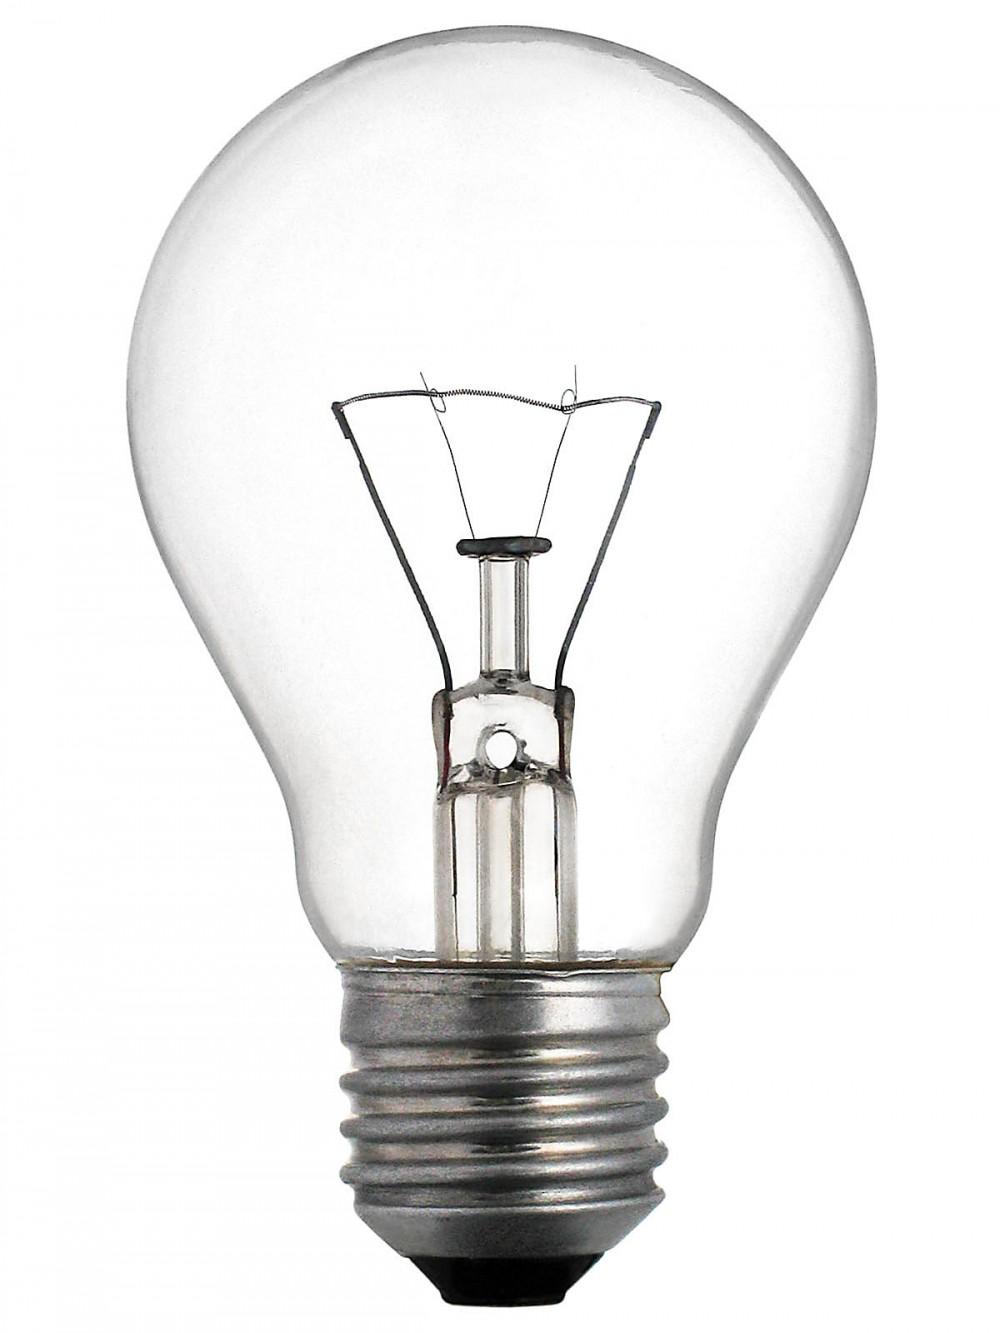 mit raises incandescent light